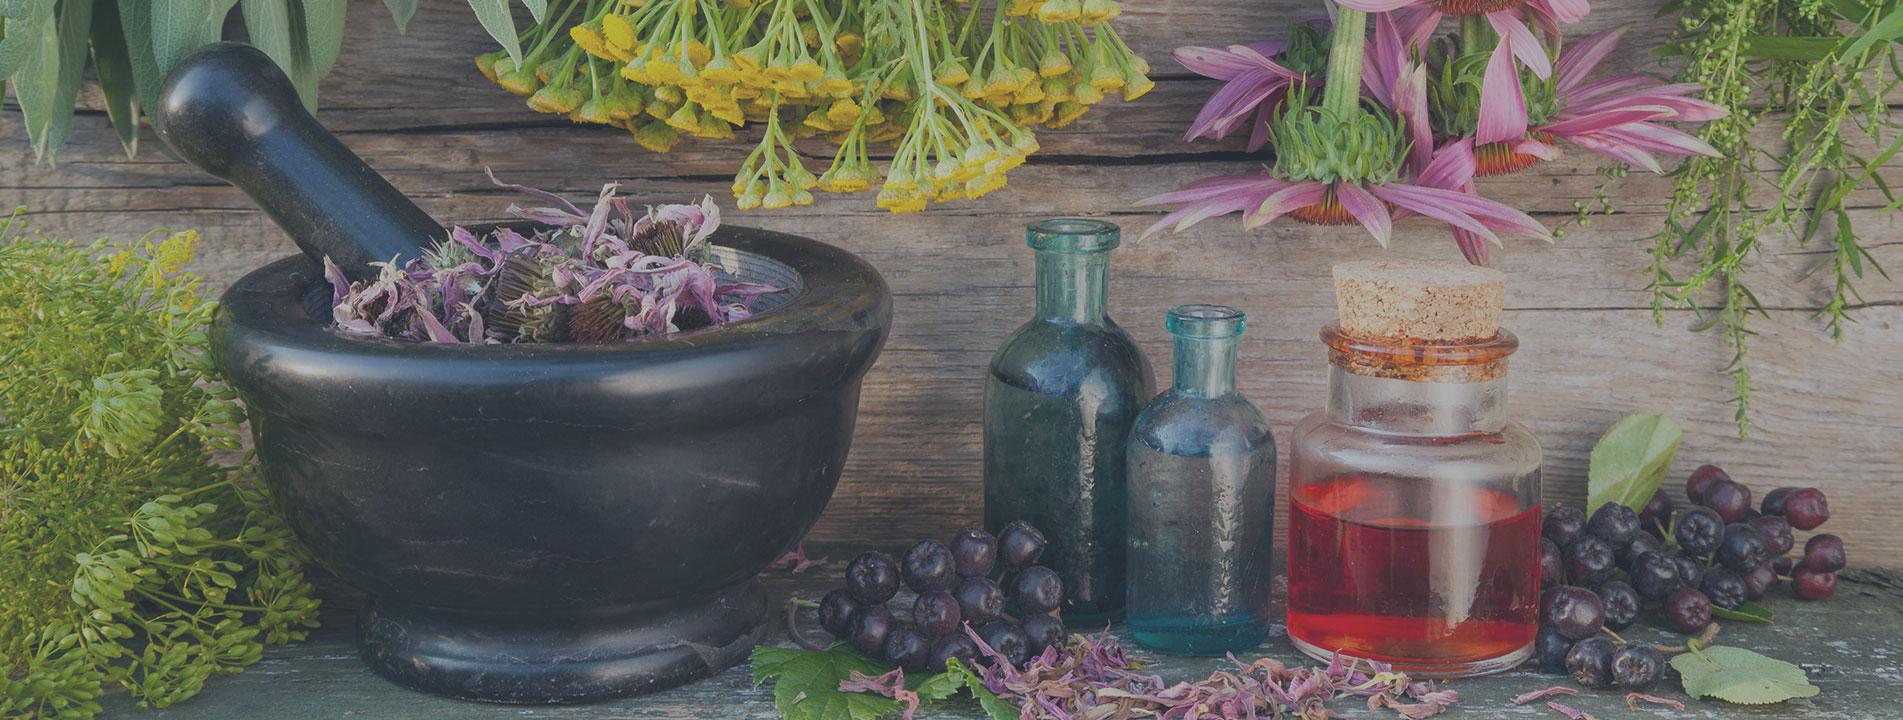 Homeopatia-certimedic